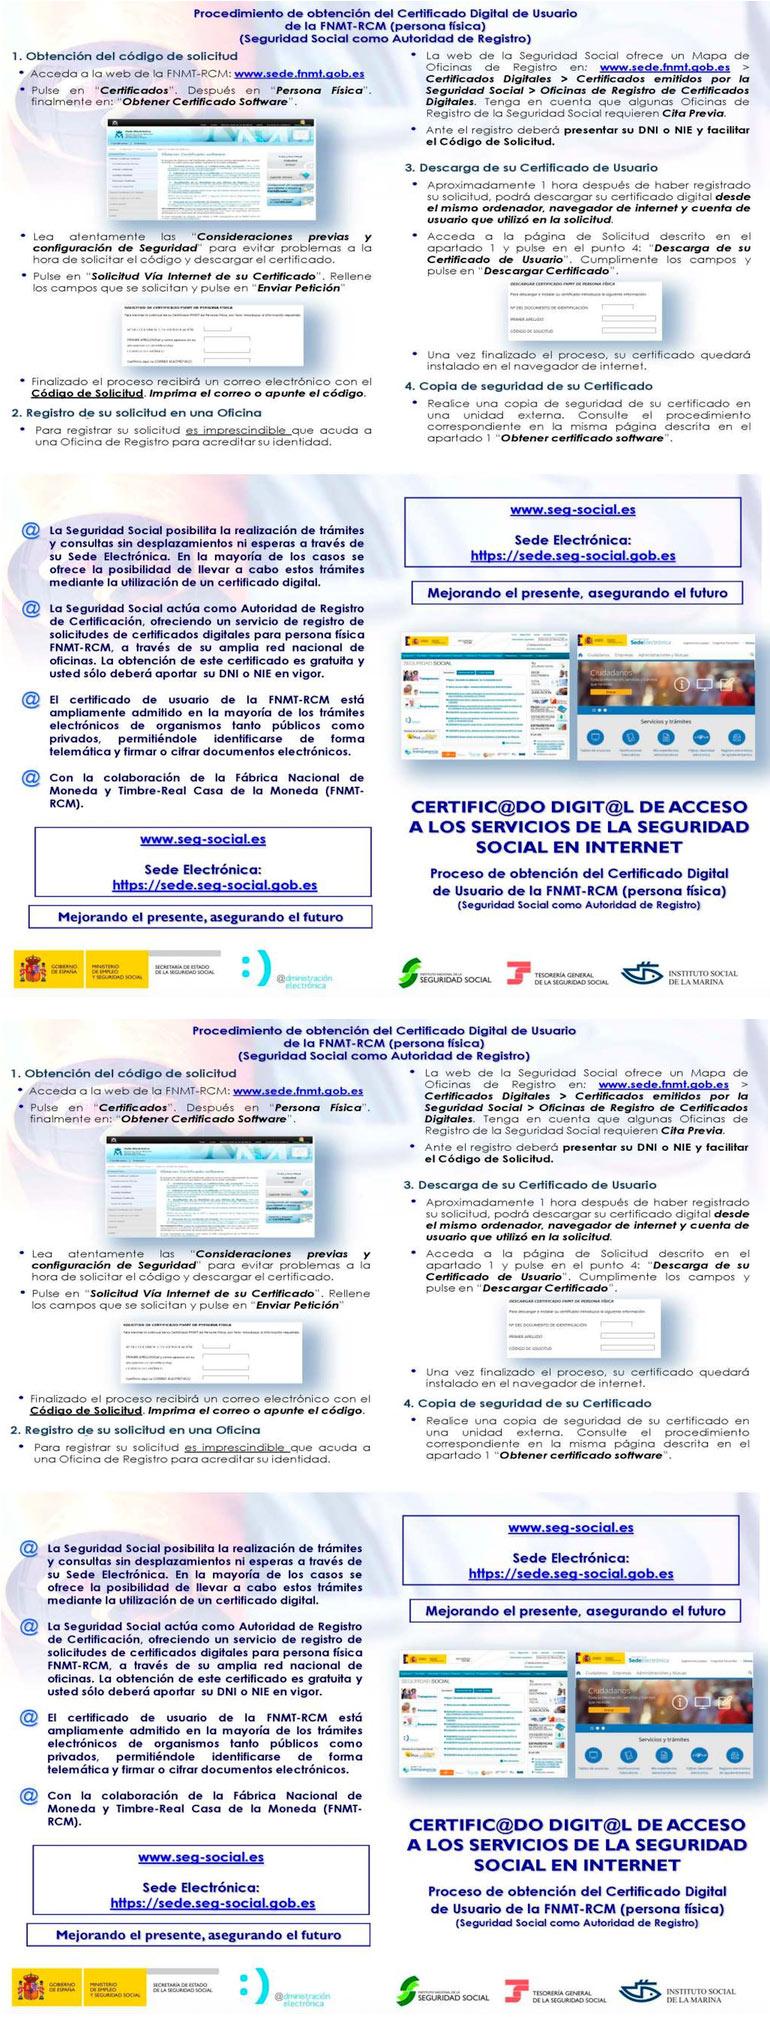 Procedimiento Obtención Certificado Digital